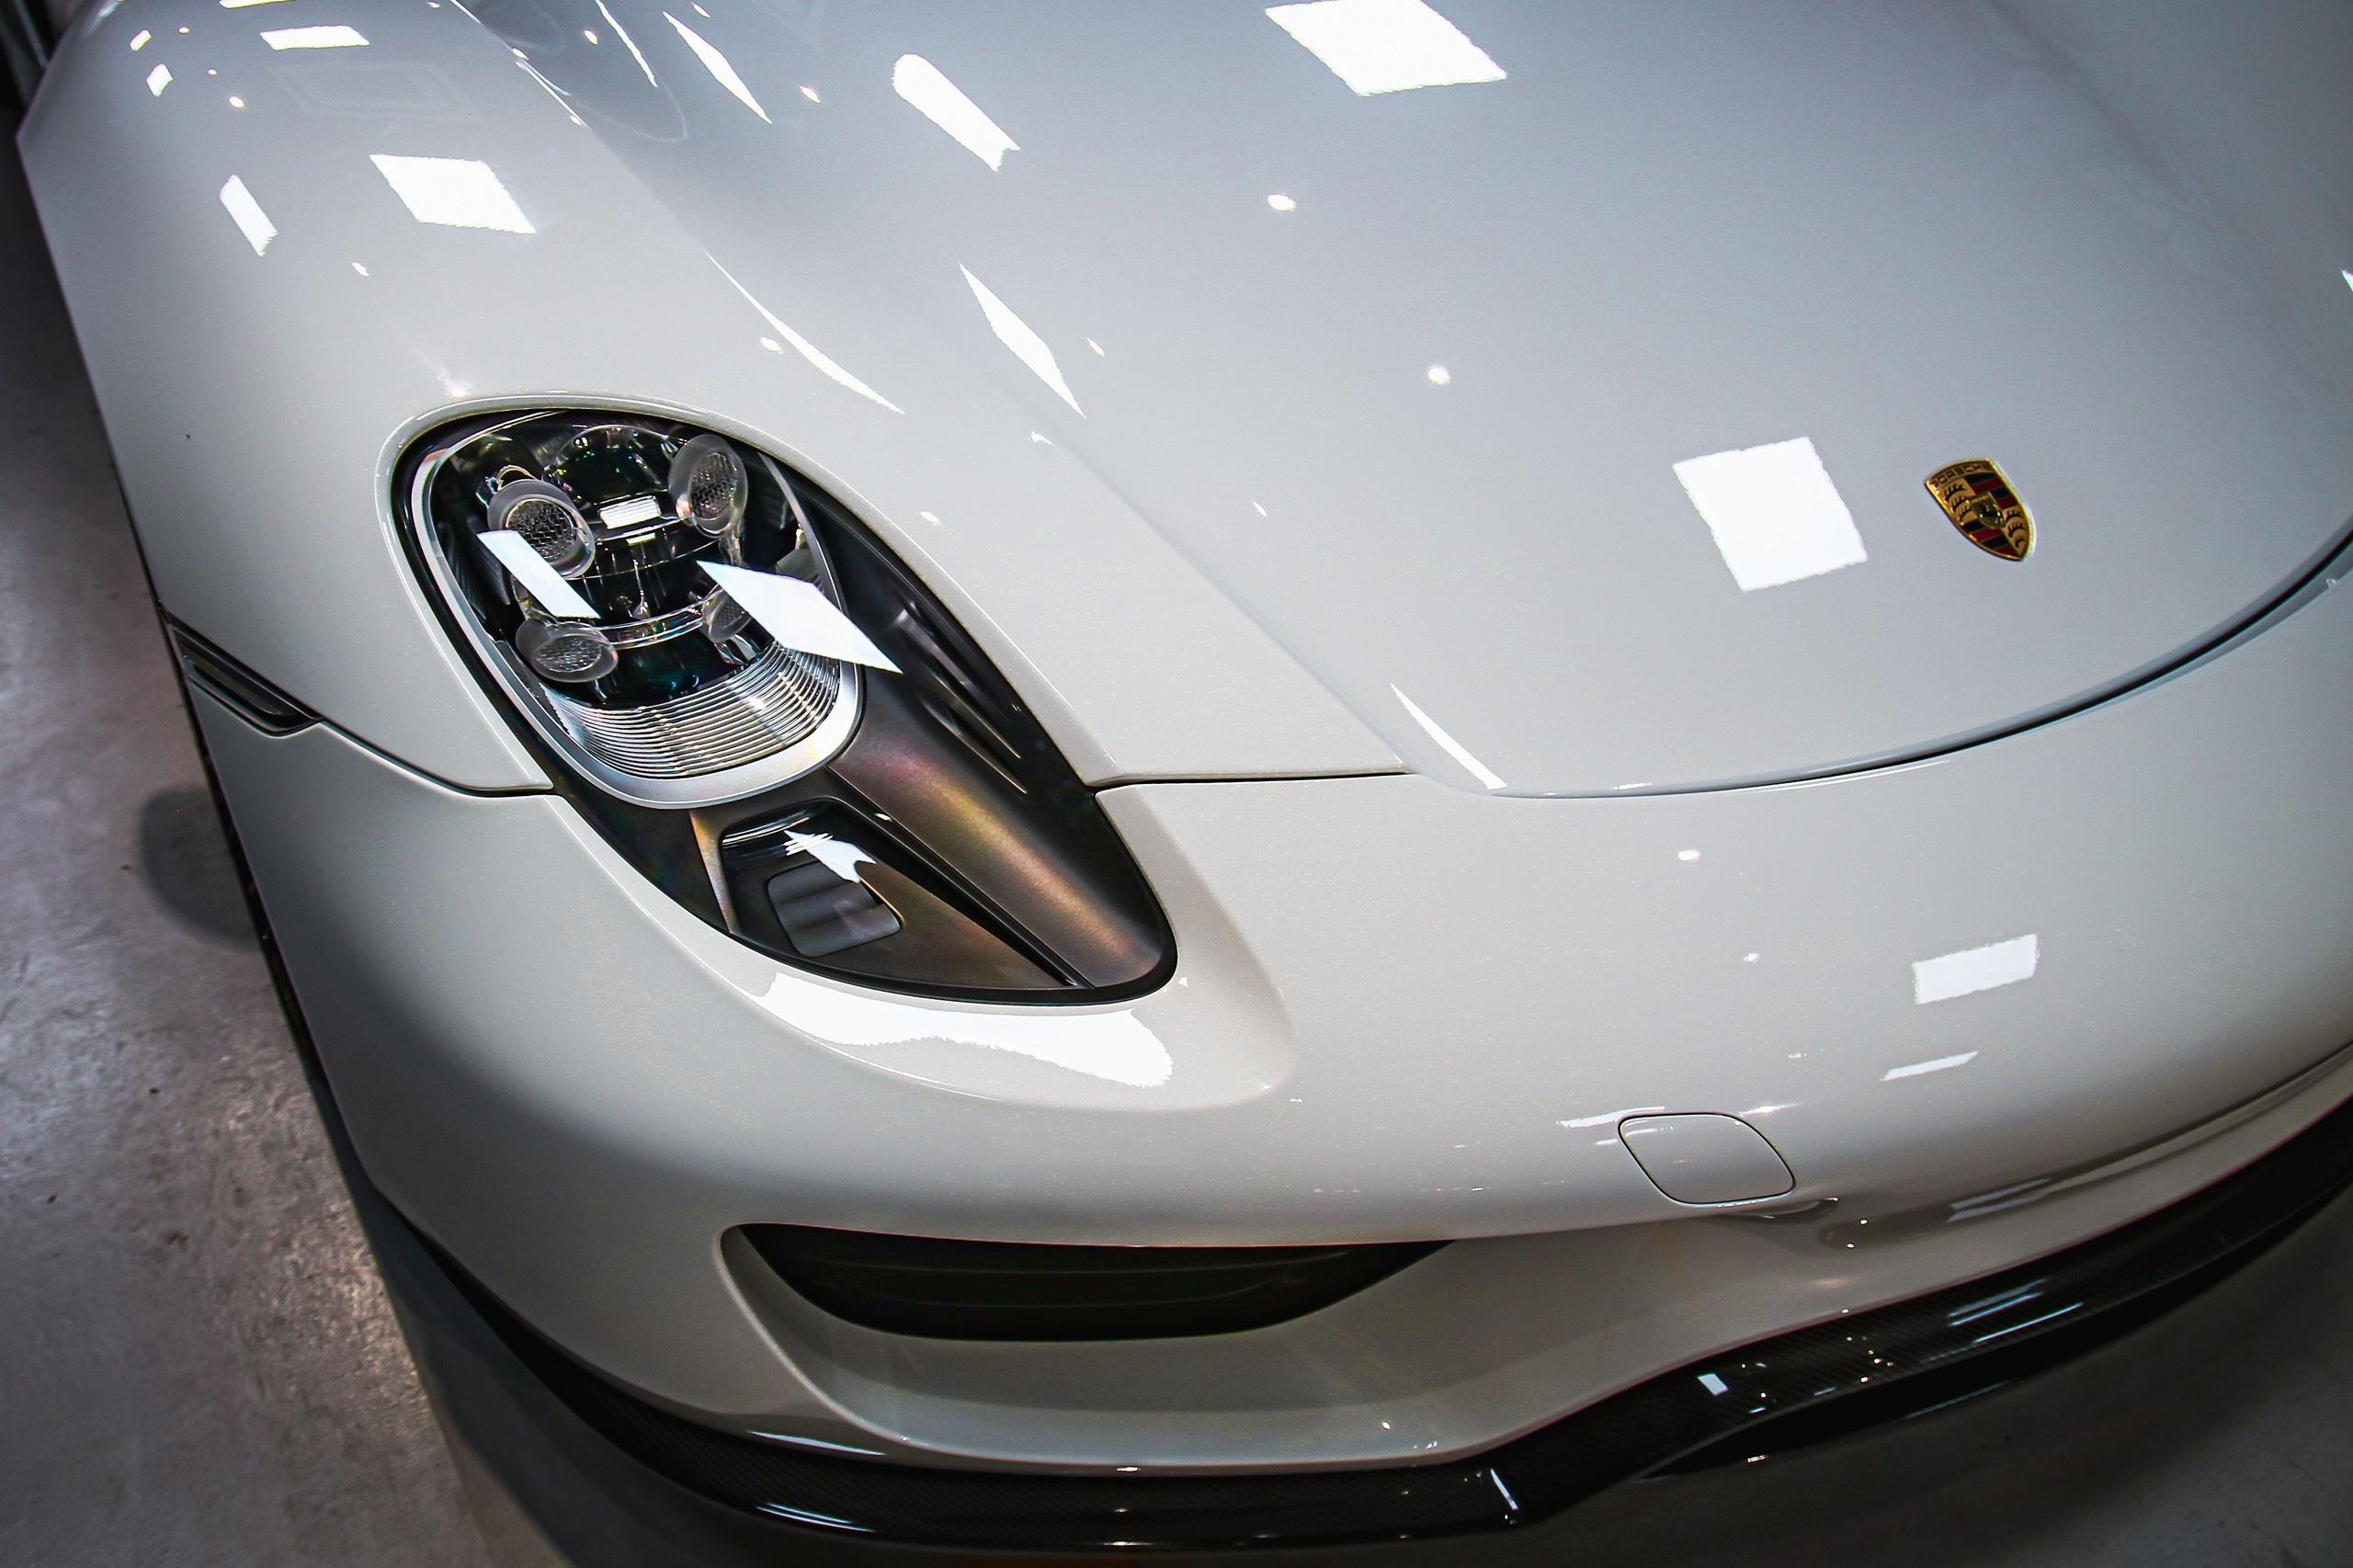 Siêu xe đắt nhất của Porsche về Việt Nam, giá khoảng 60 tỷ đồng - Ảnh 11.